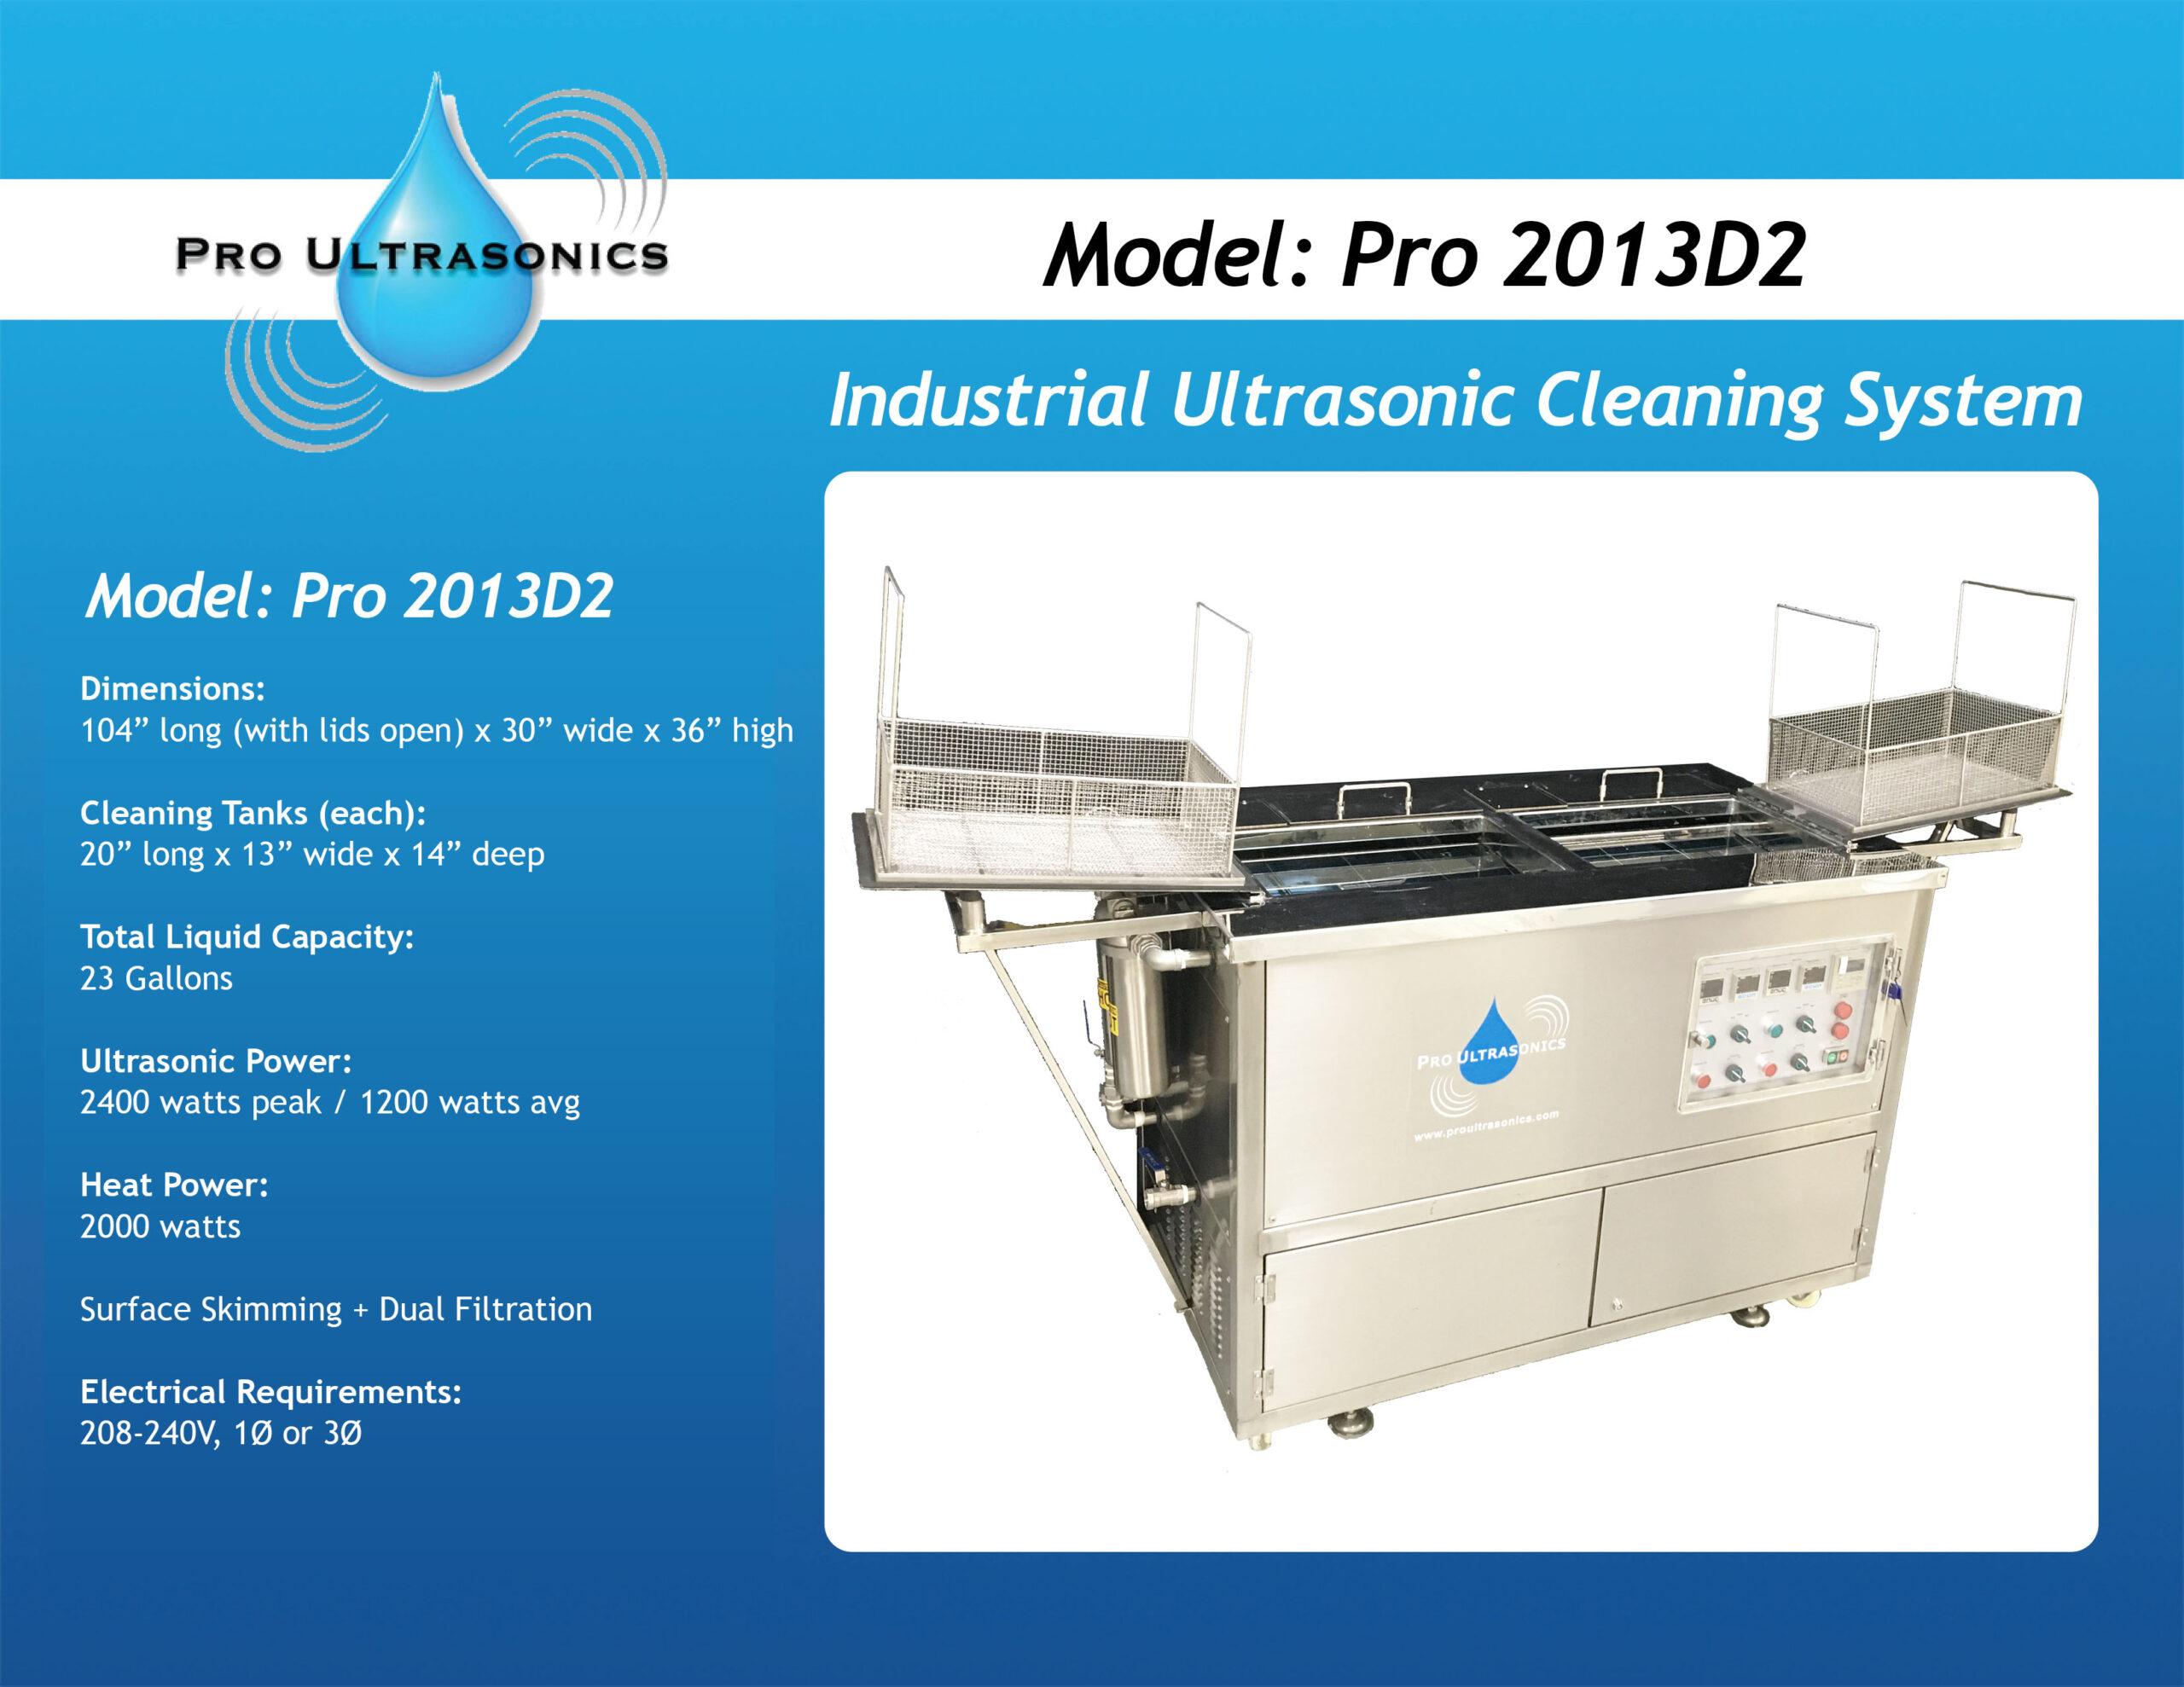 Pro 2013D2